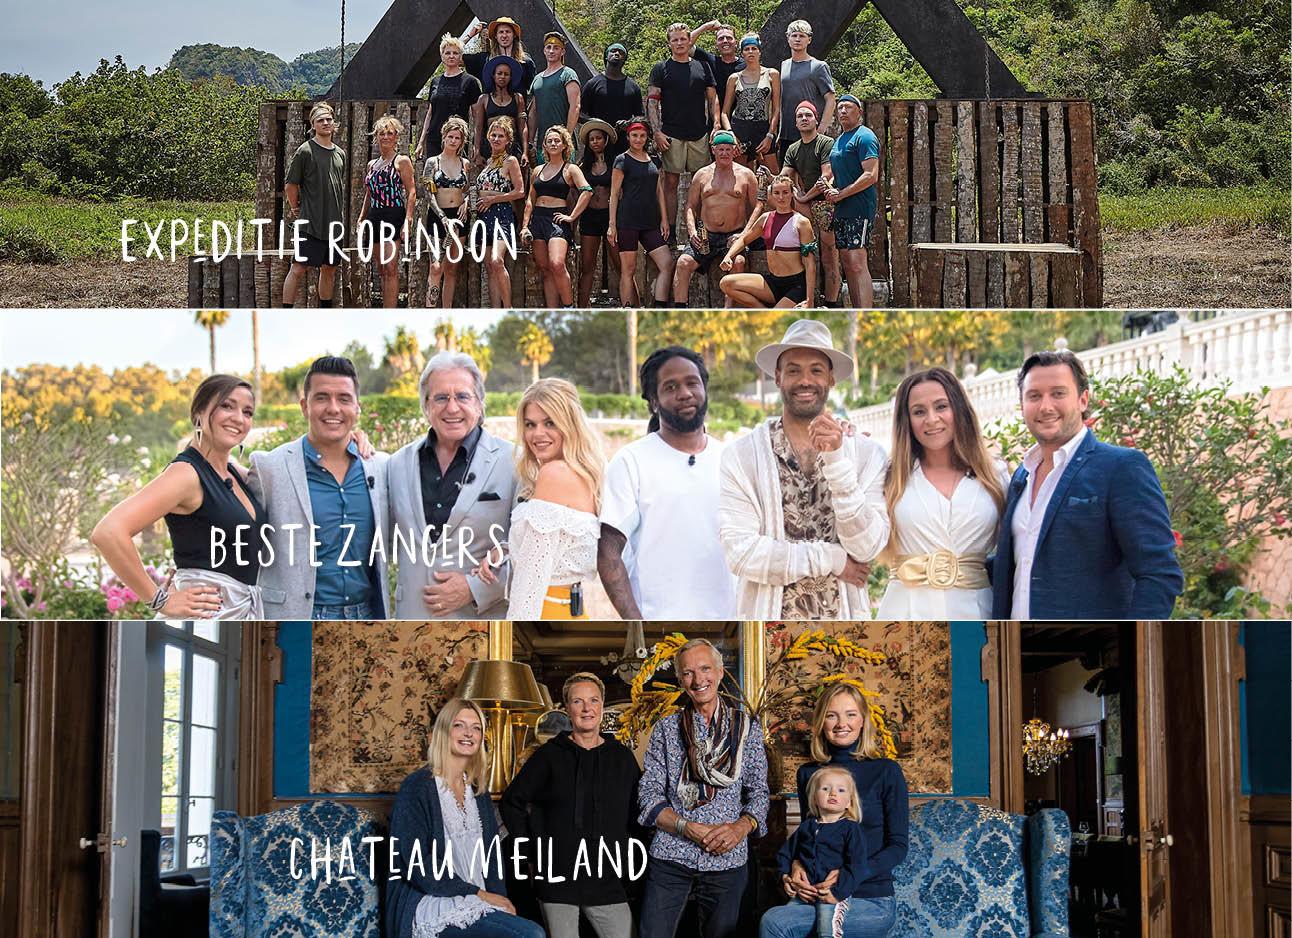 Expeditie robinson kandidaten beste zangers 2018 en chateau meiland familei